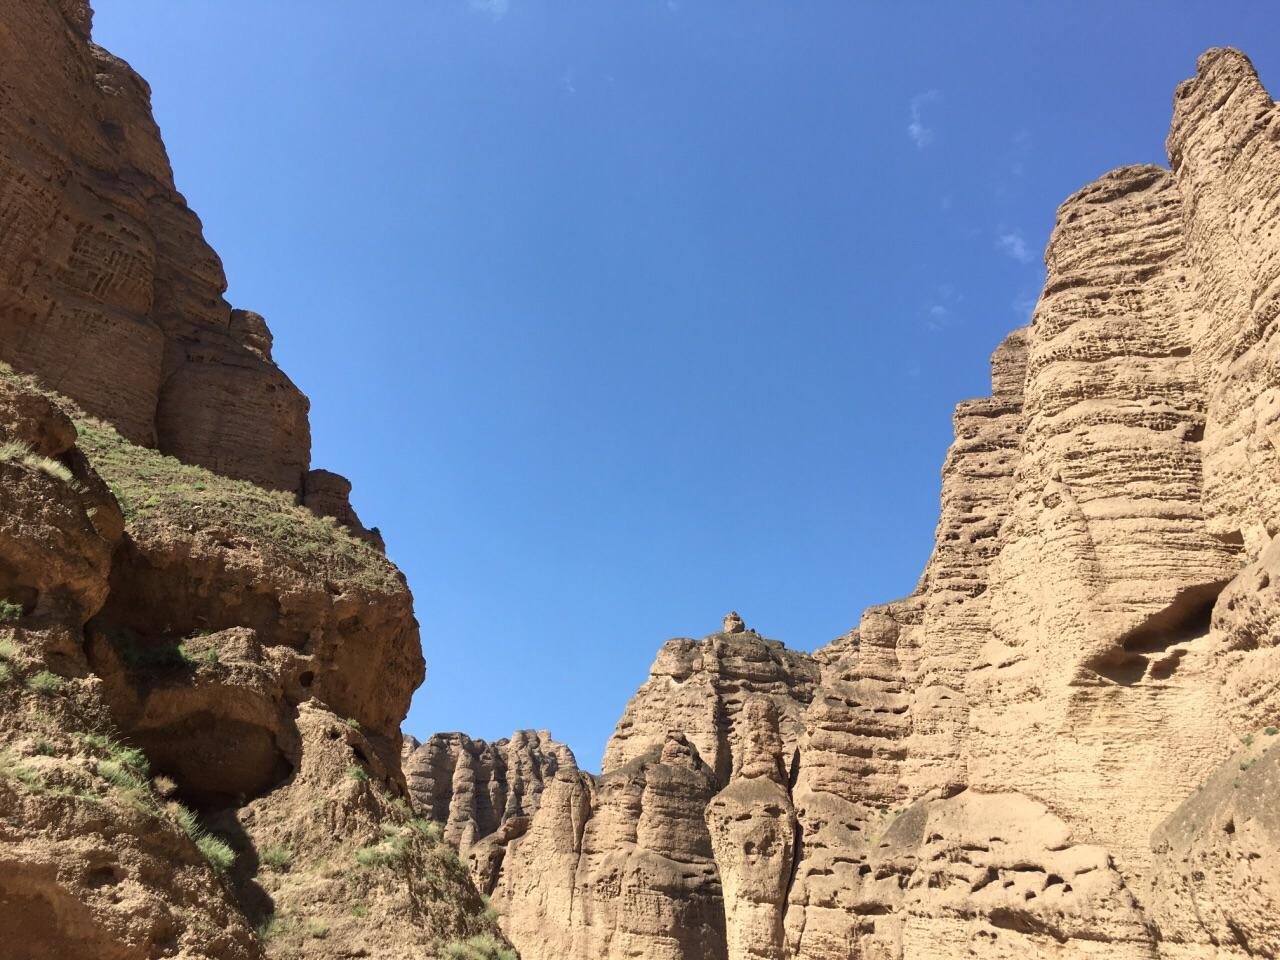 景泰黄河石林旅游景点攻略图故里鲁迅攻略图片